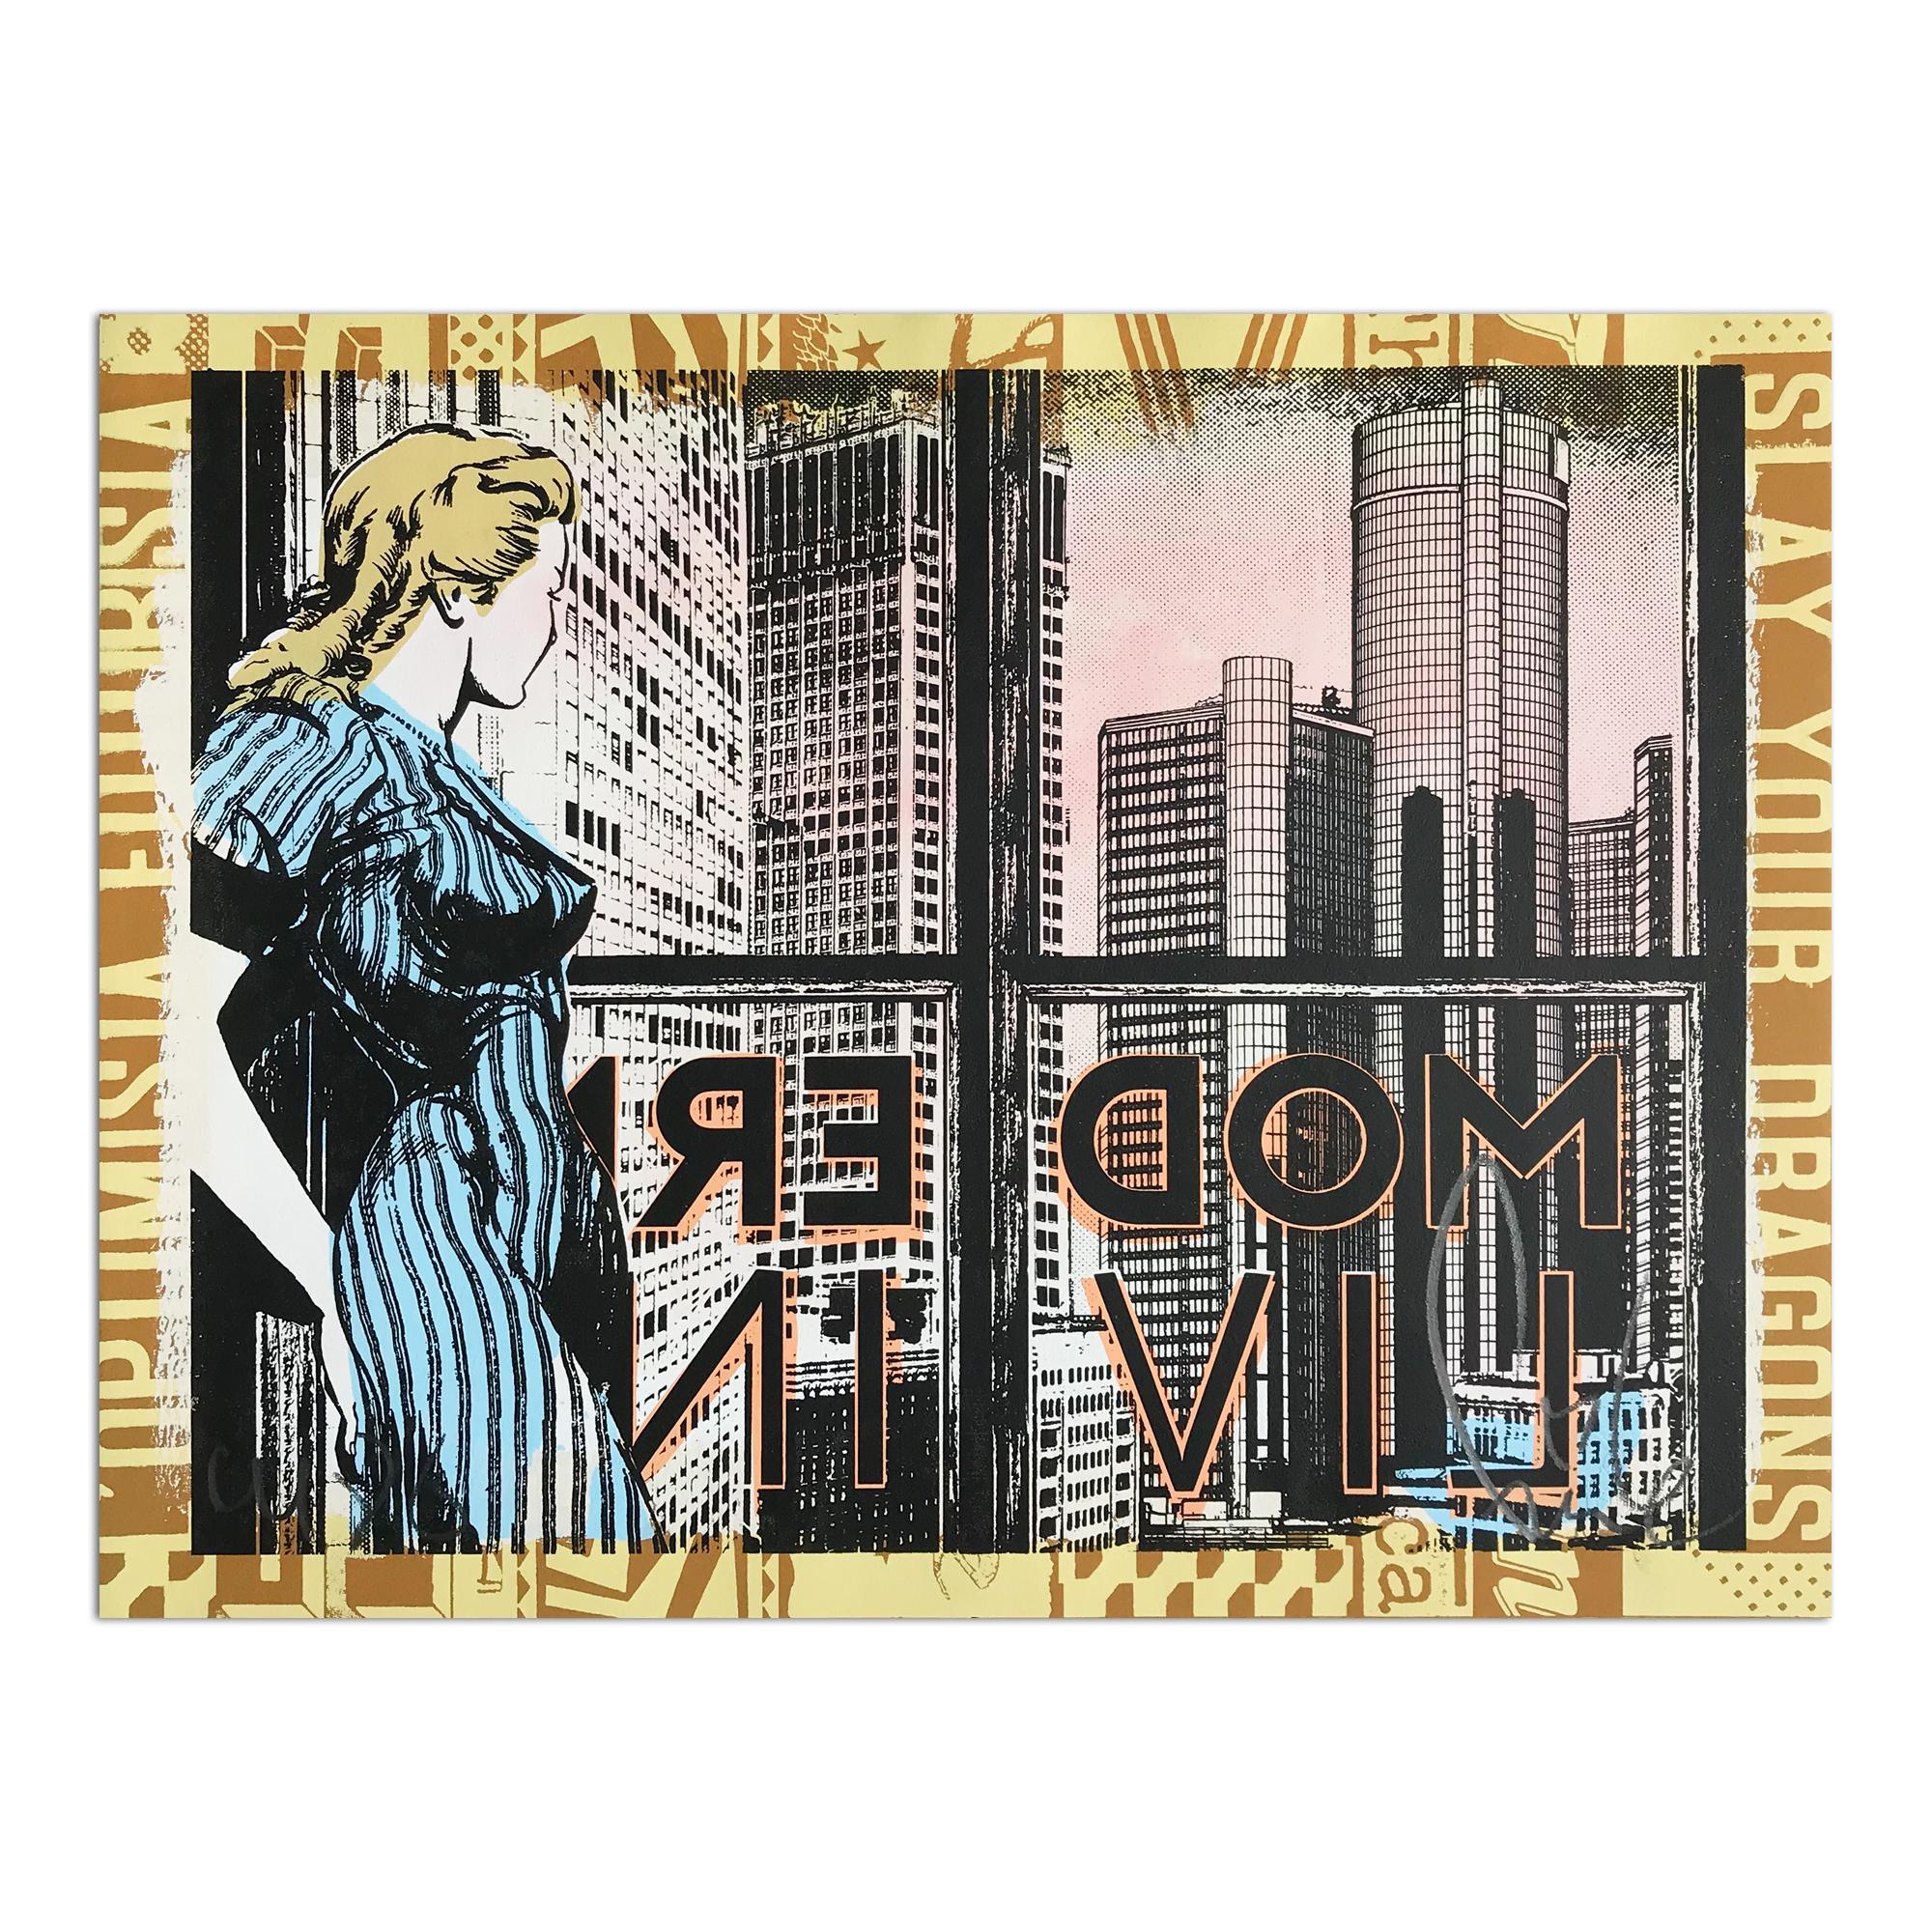 Modern Living, Hand-painted Screen Print, Street Art, Urban Art, Graffiti